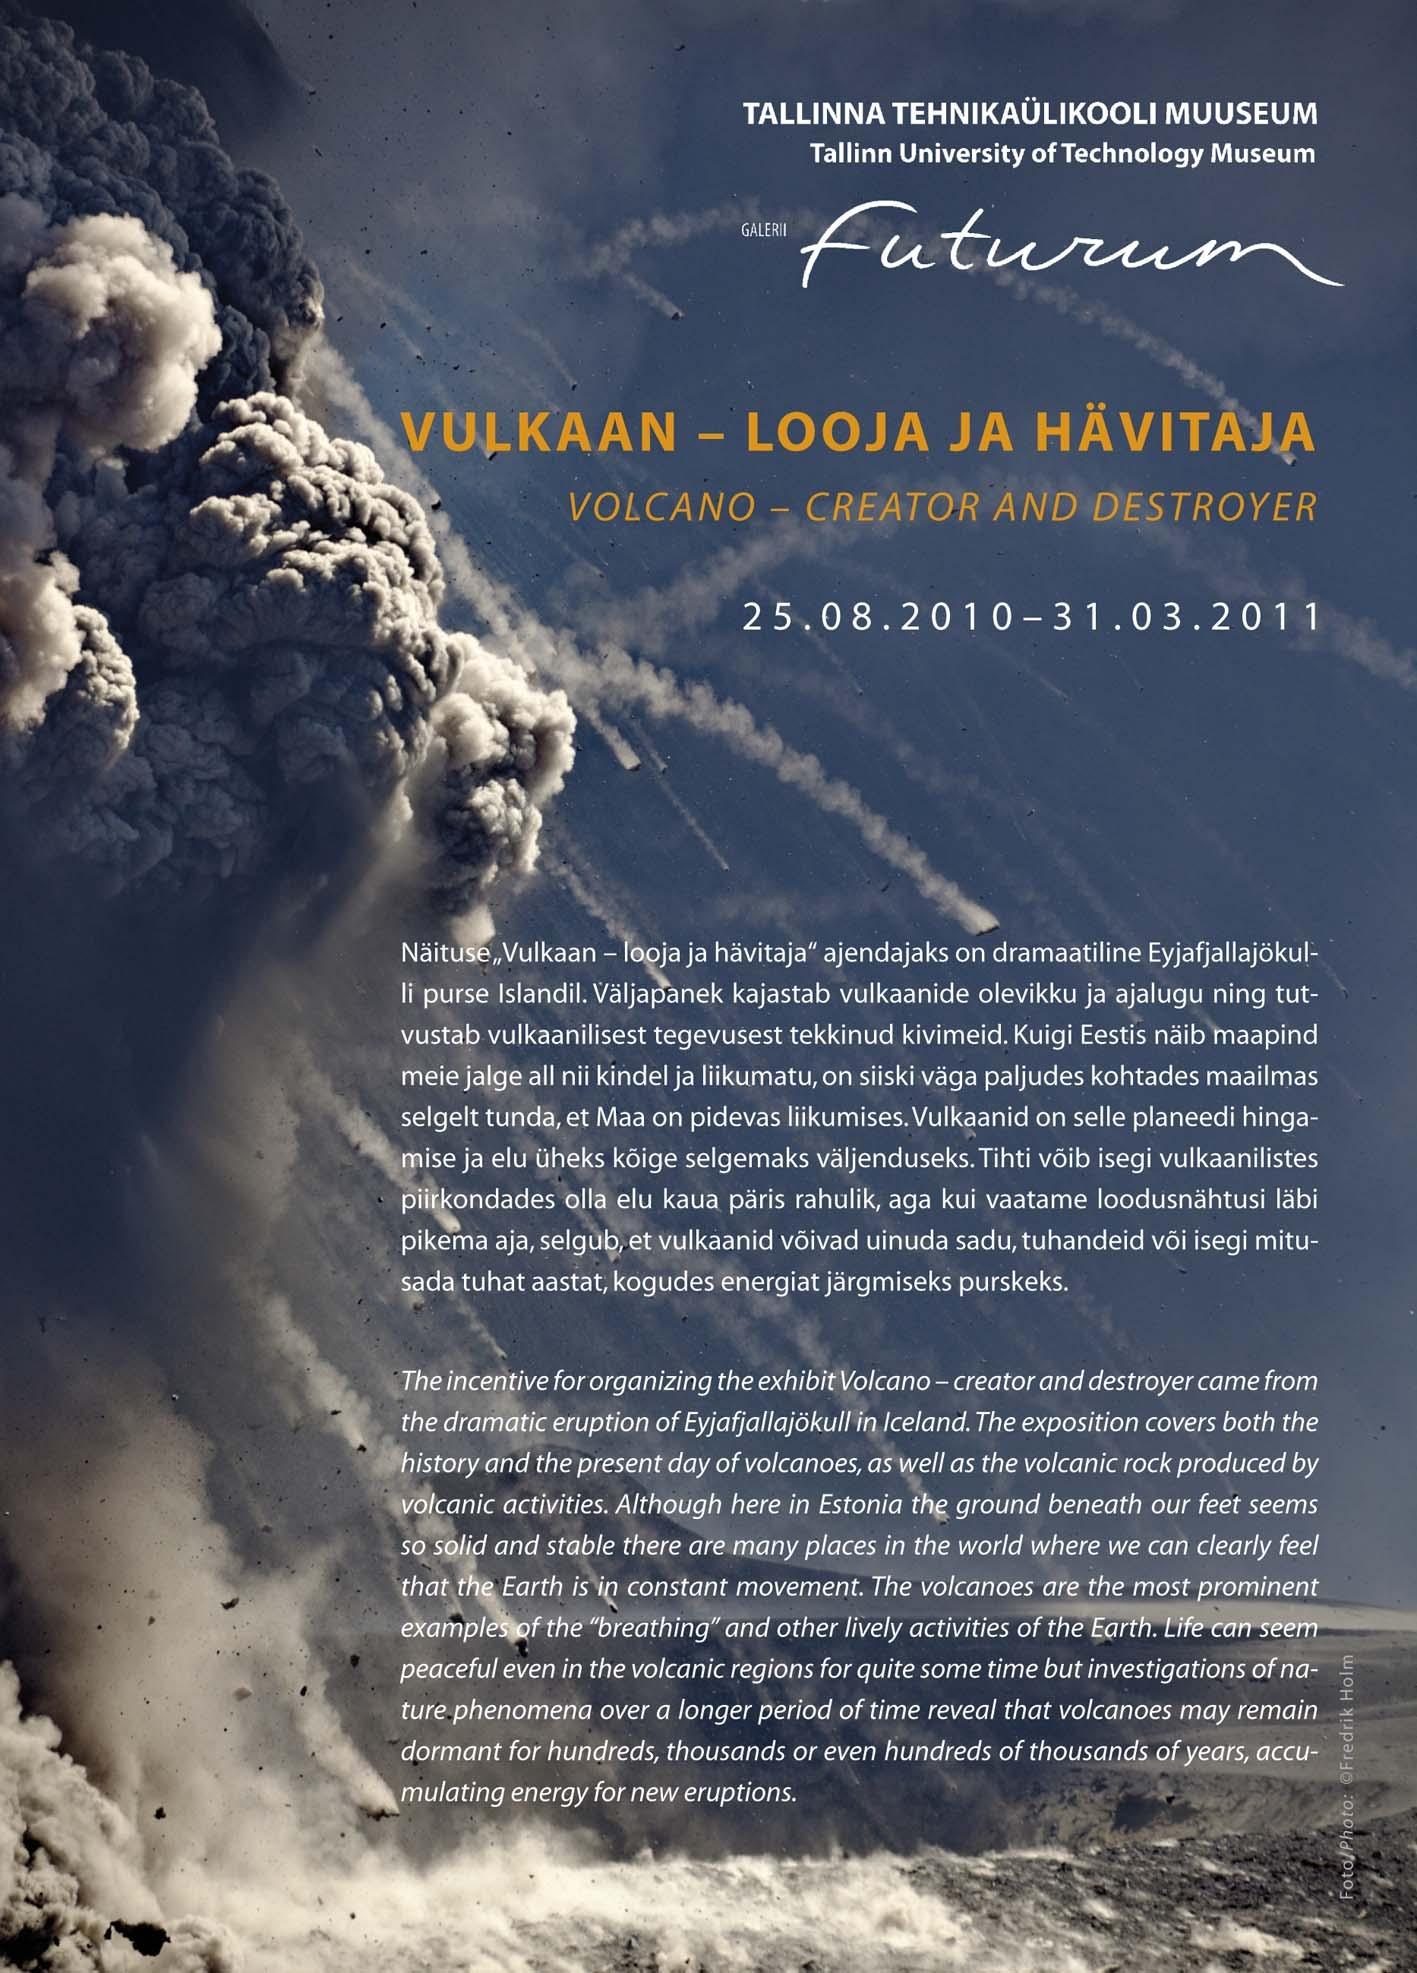 Vulkanoloogia_flaier_1